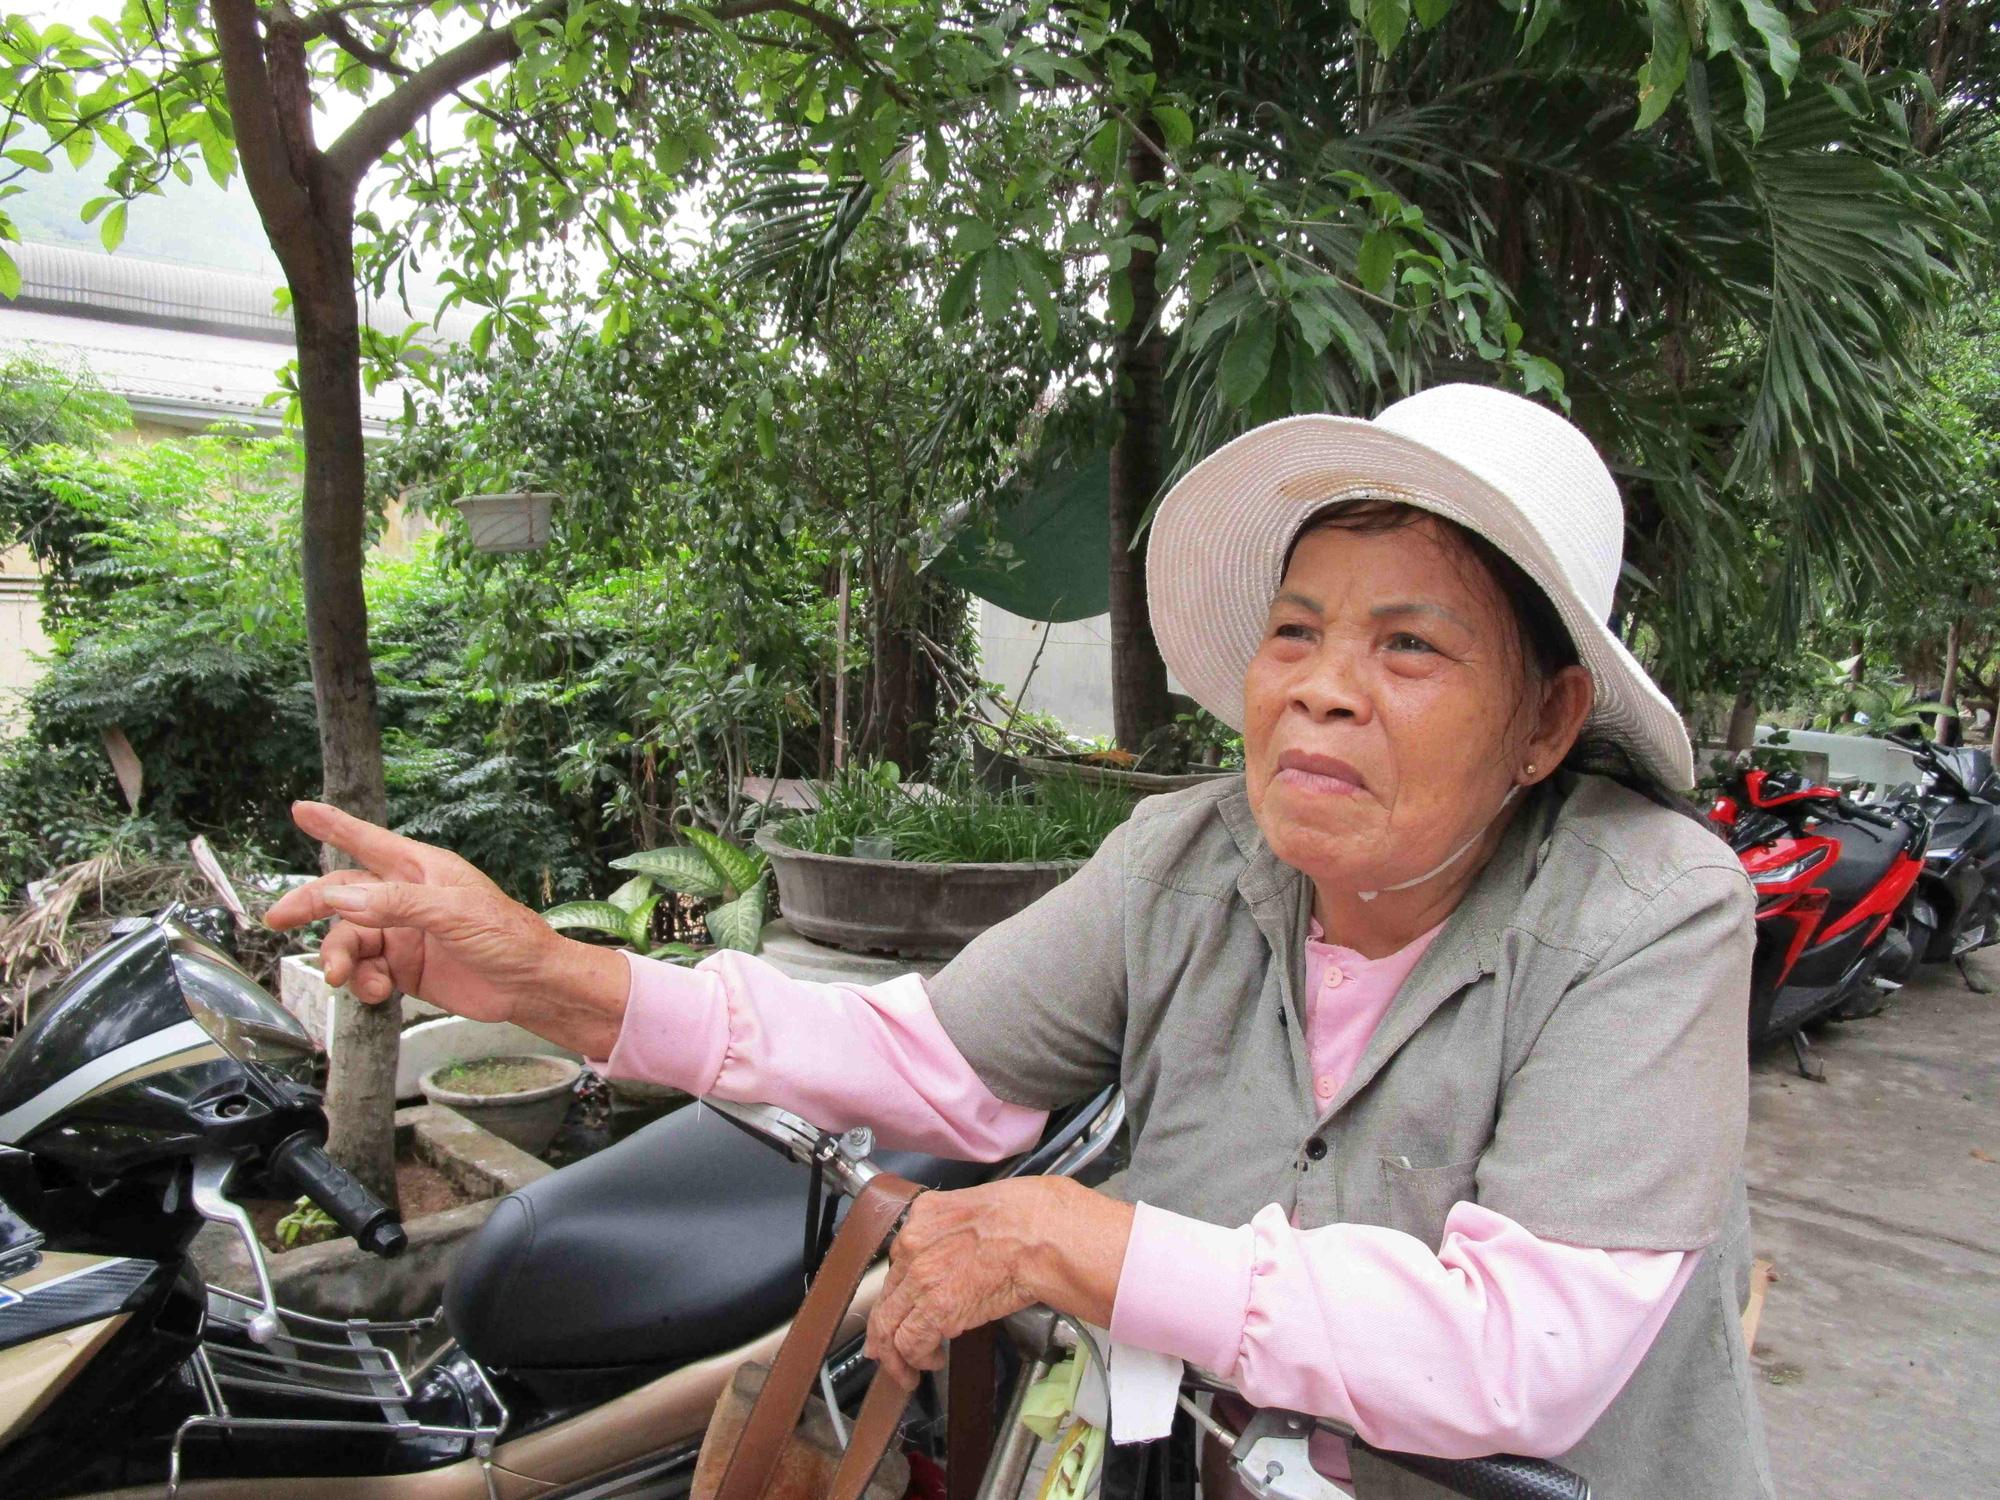 Bình Định: Xí nghiệp chế biến lâm sản Bông Hồng nằm sát khu dân cư gây bức xúc - Ảnh 4.